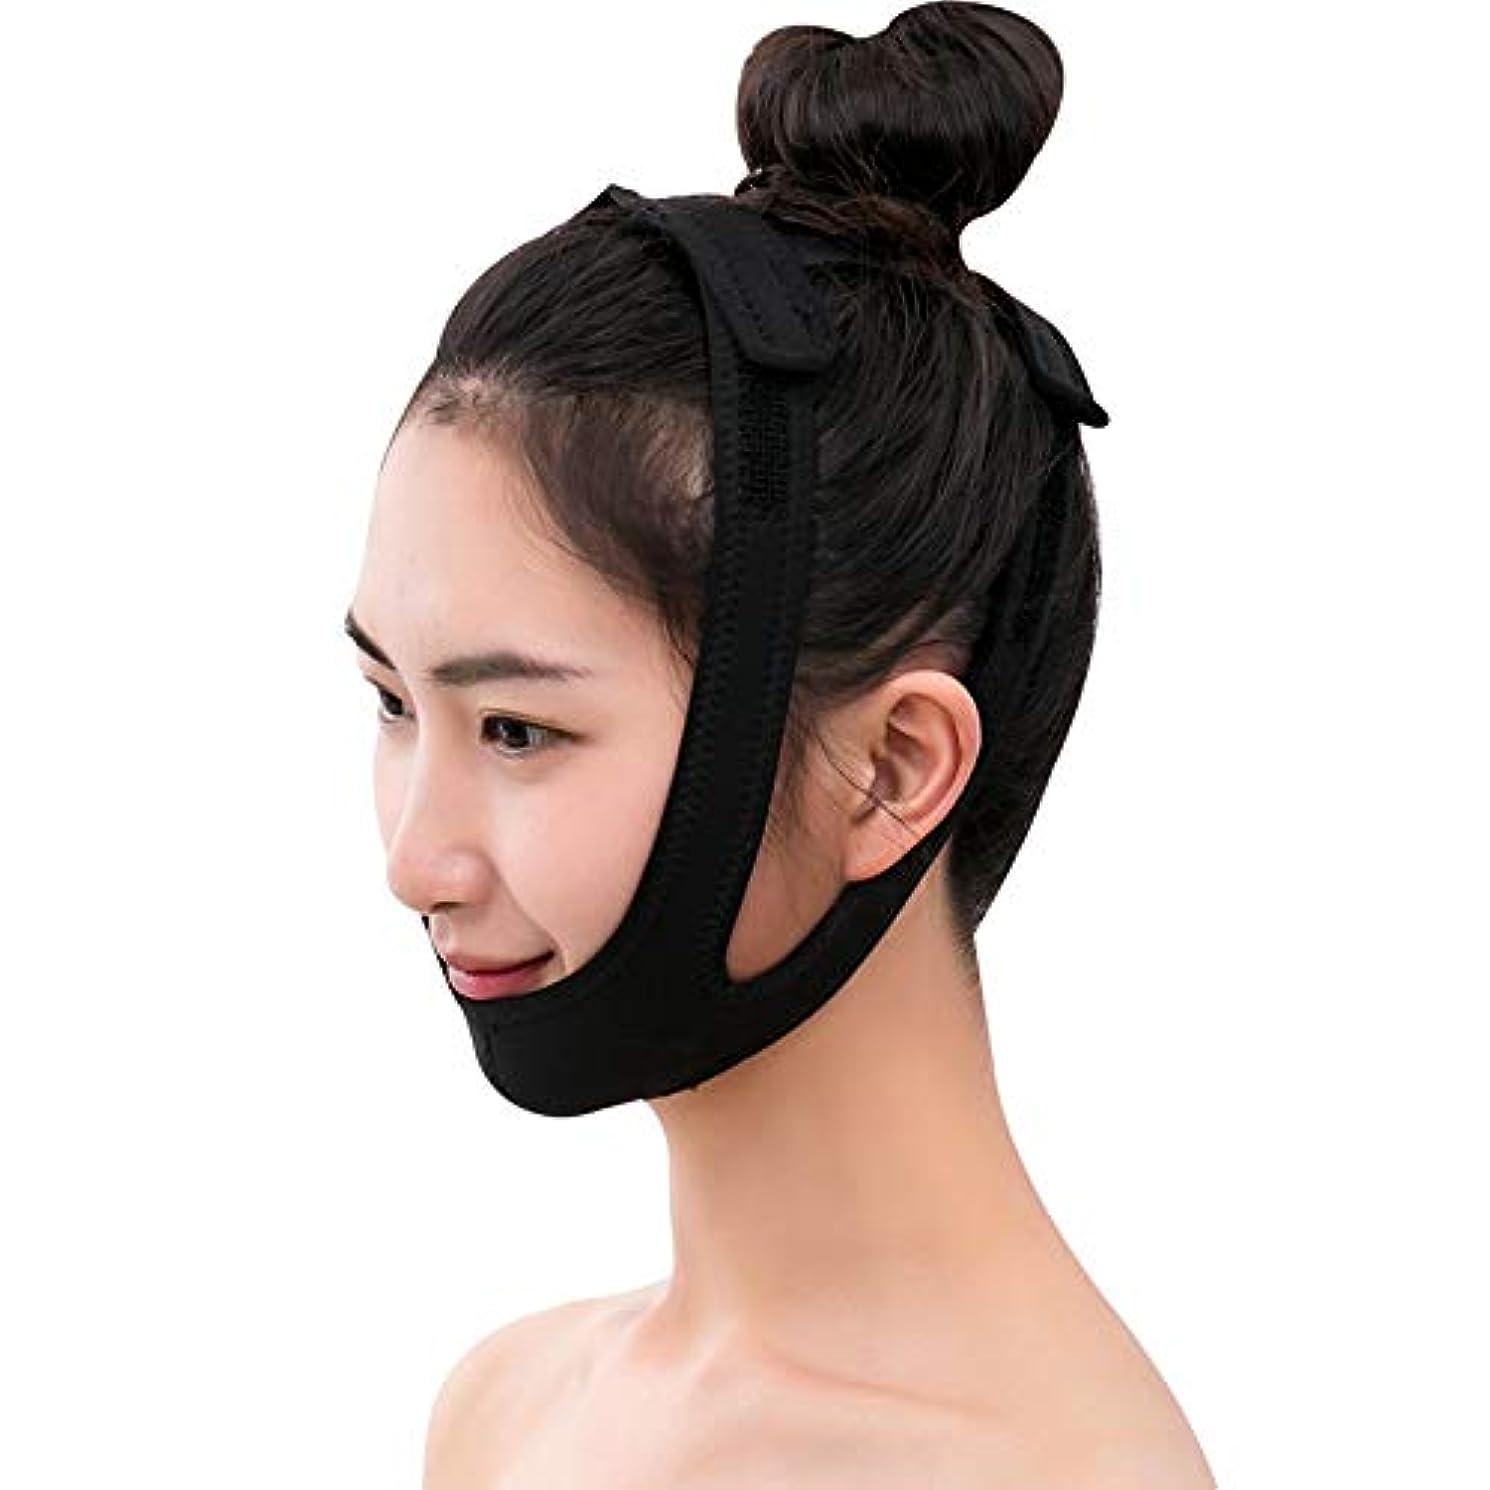 フェイシャルリフティング痩身ベルト圧縮二重あご減量ベルトスキンケア薄い顔包帯二重あごワークアウト